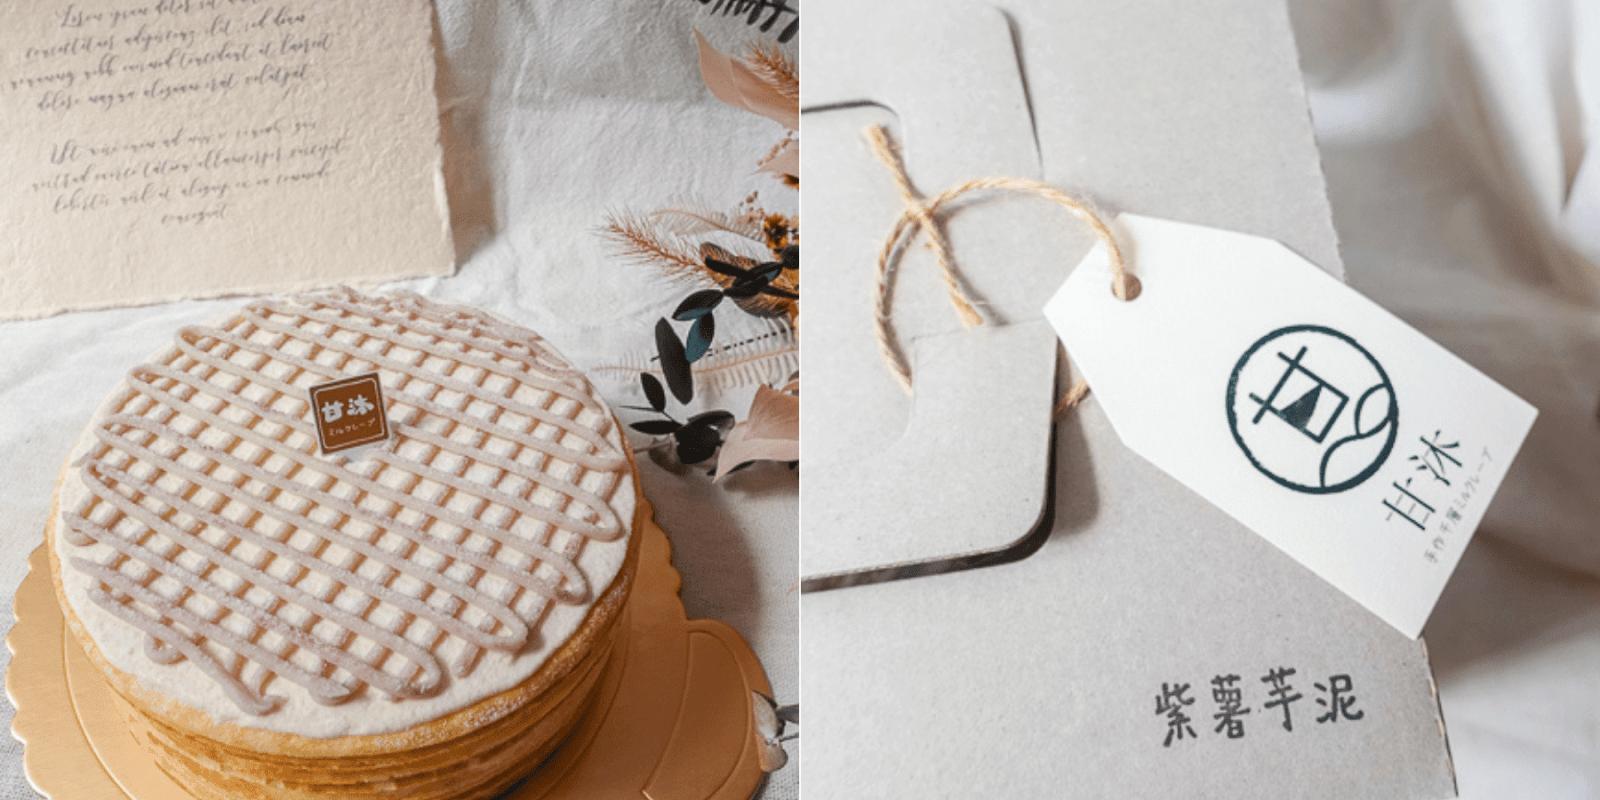 台南甜點|甘沐手作千層,甜點控最不想錯過的千層蛋糕,極難買極限量,每個月拚手速搶購!